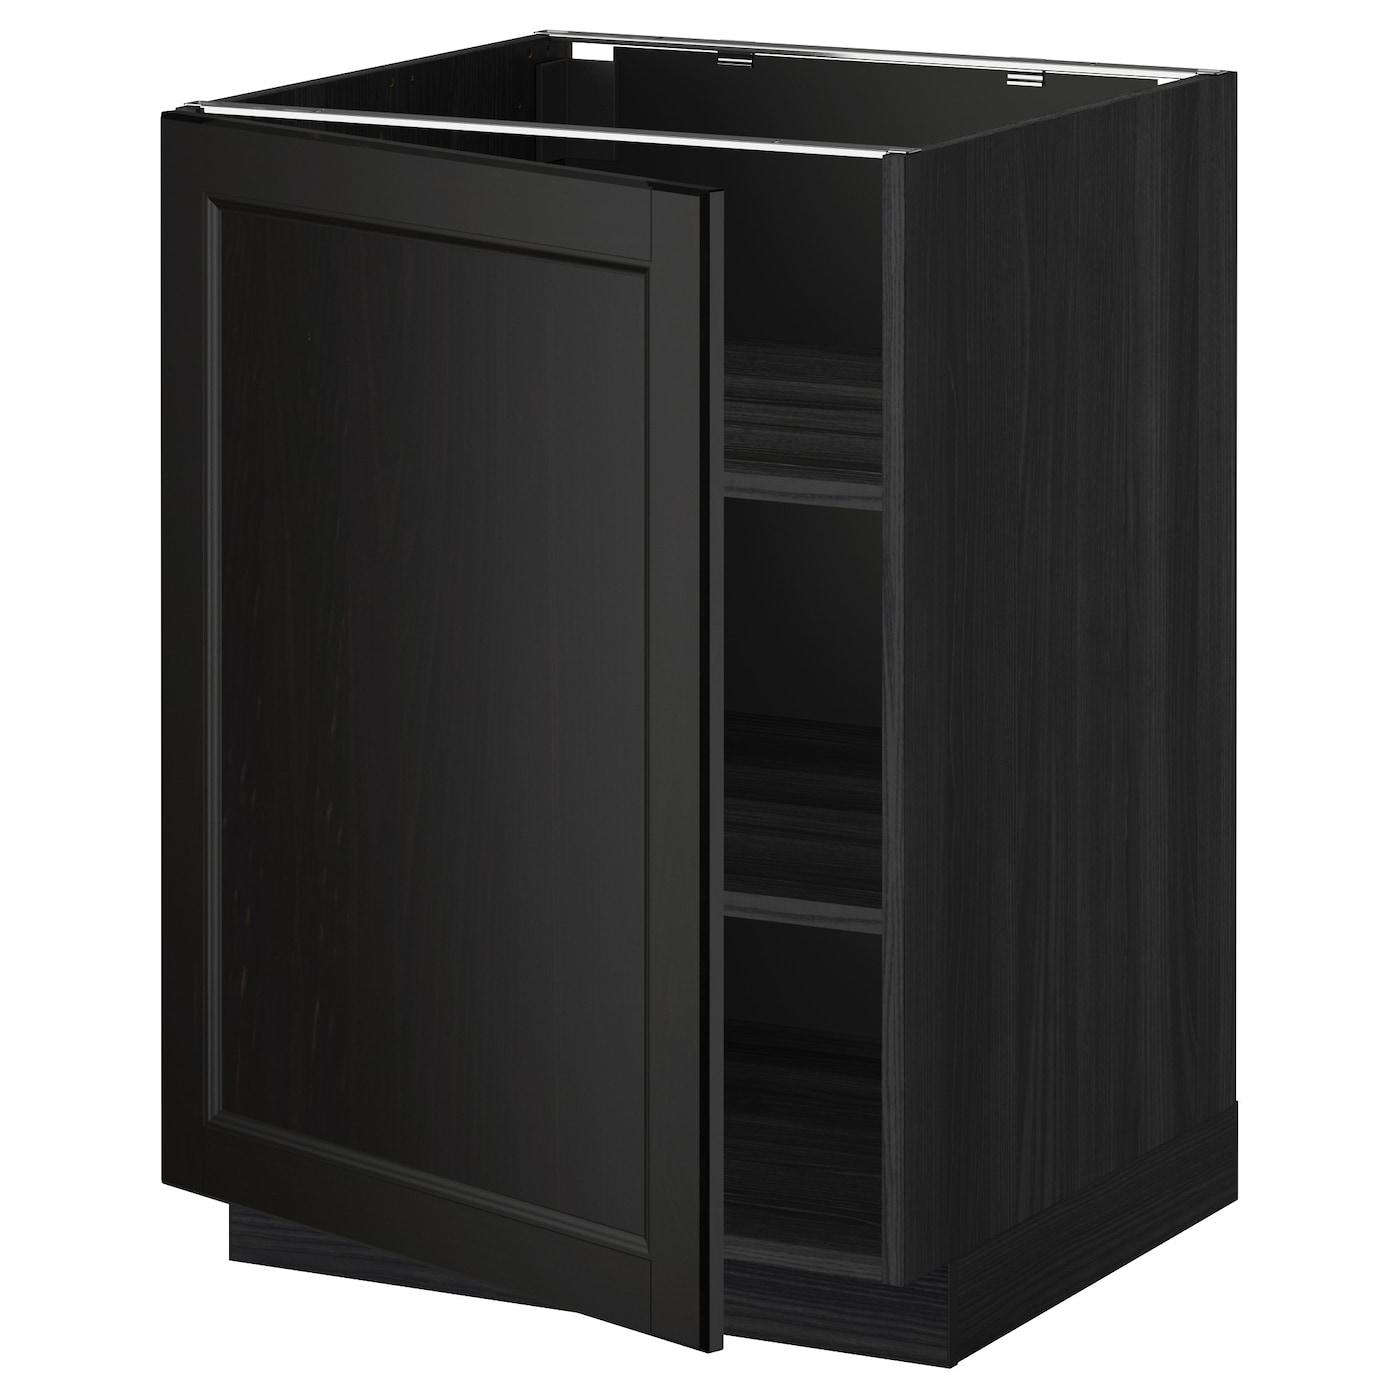 Metod Base Cabinet For Sink Black Järsta Orange 60x60 Cm: METOD Base Cabinet With Shelves Black/laxarby Black-brown